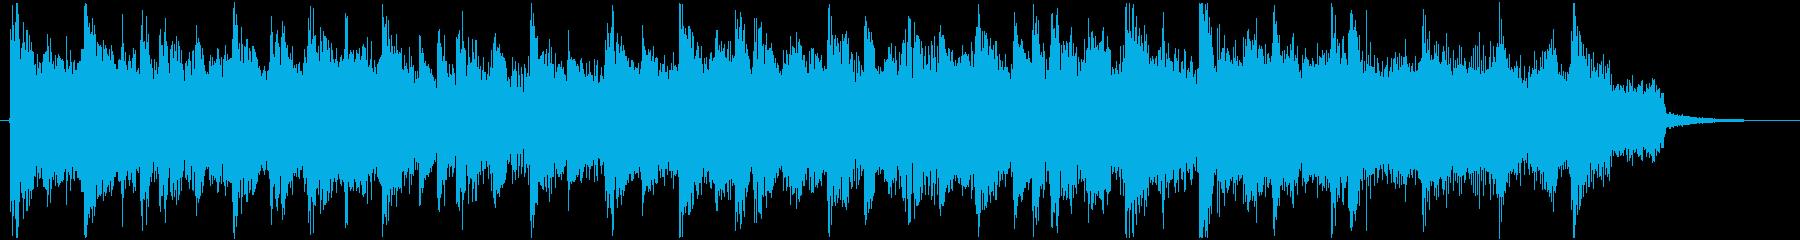 古風なスローテンポのトランスの再生済みの波形